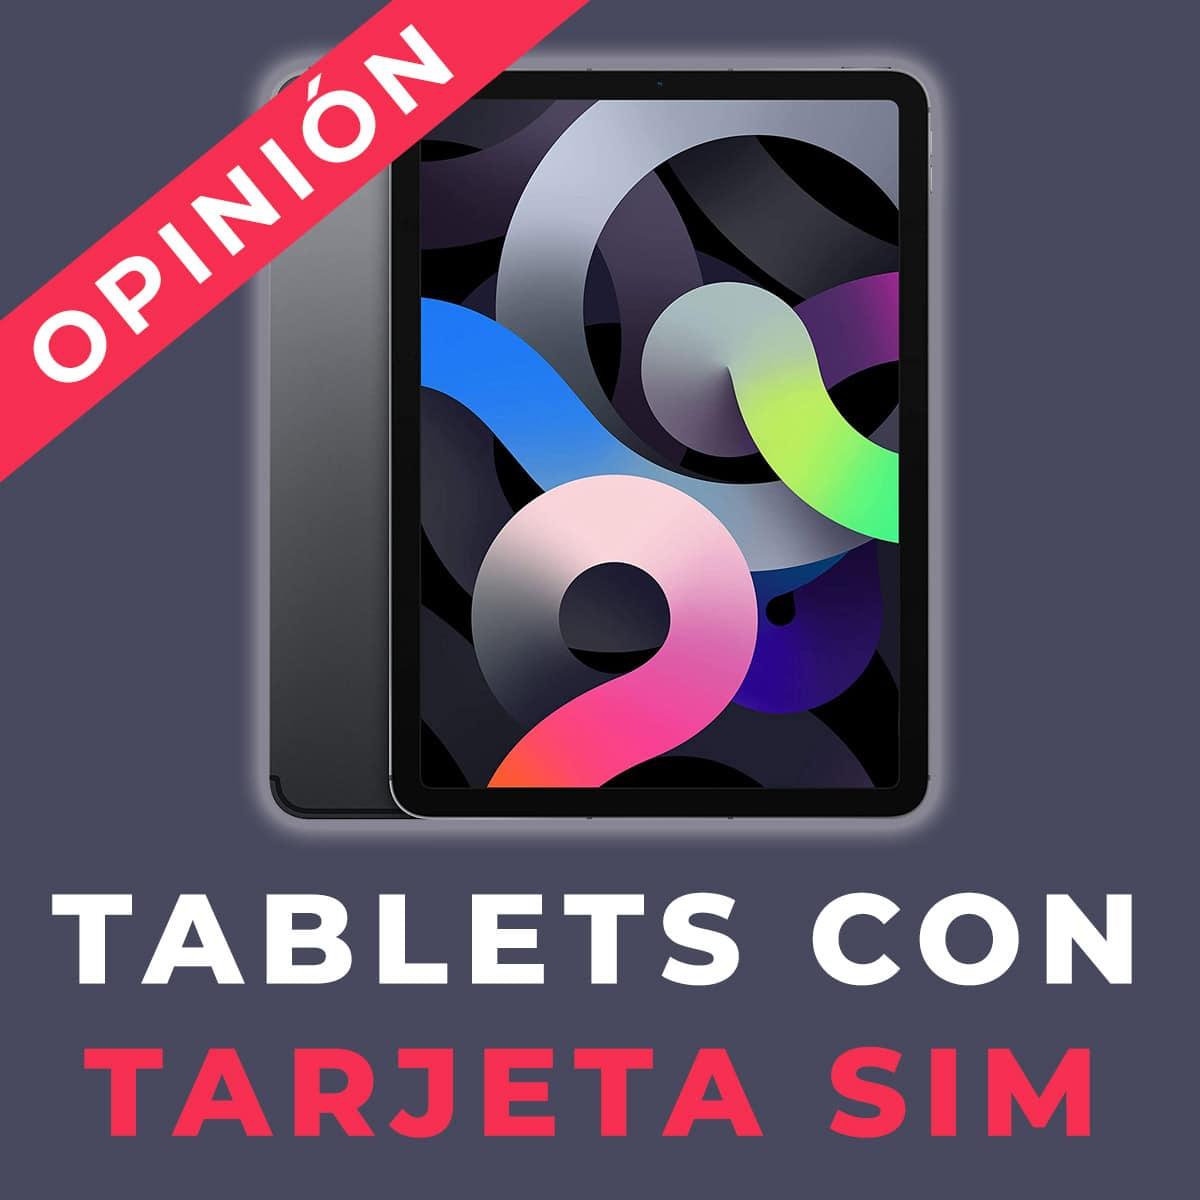 tablets con tarjeta sim